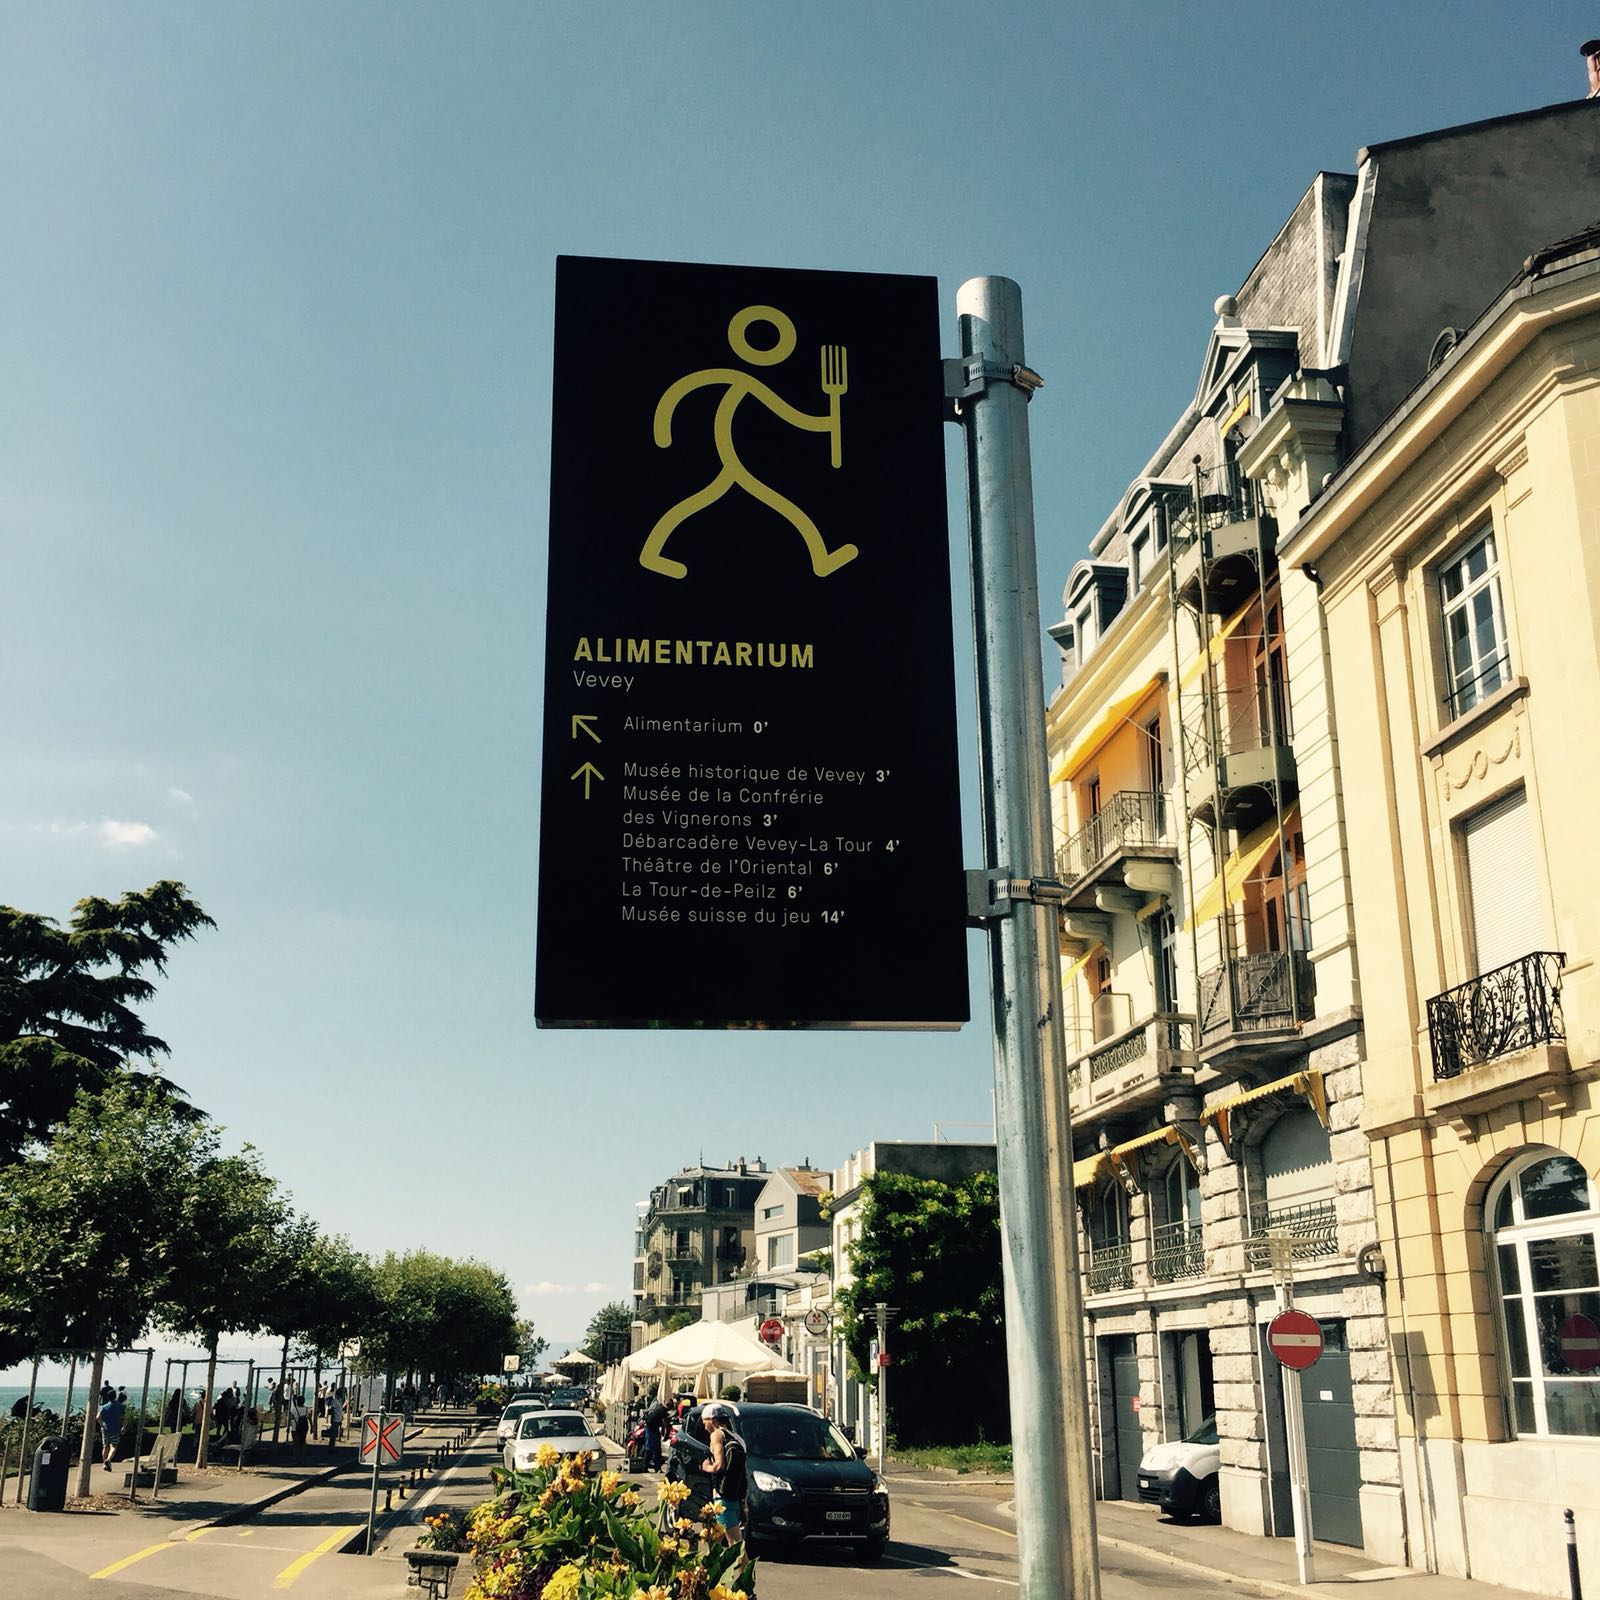 Panneau de signalisation touristique